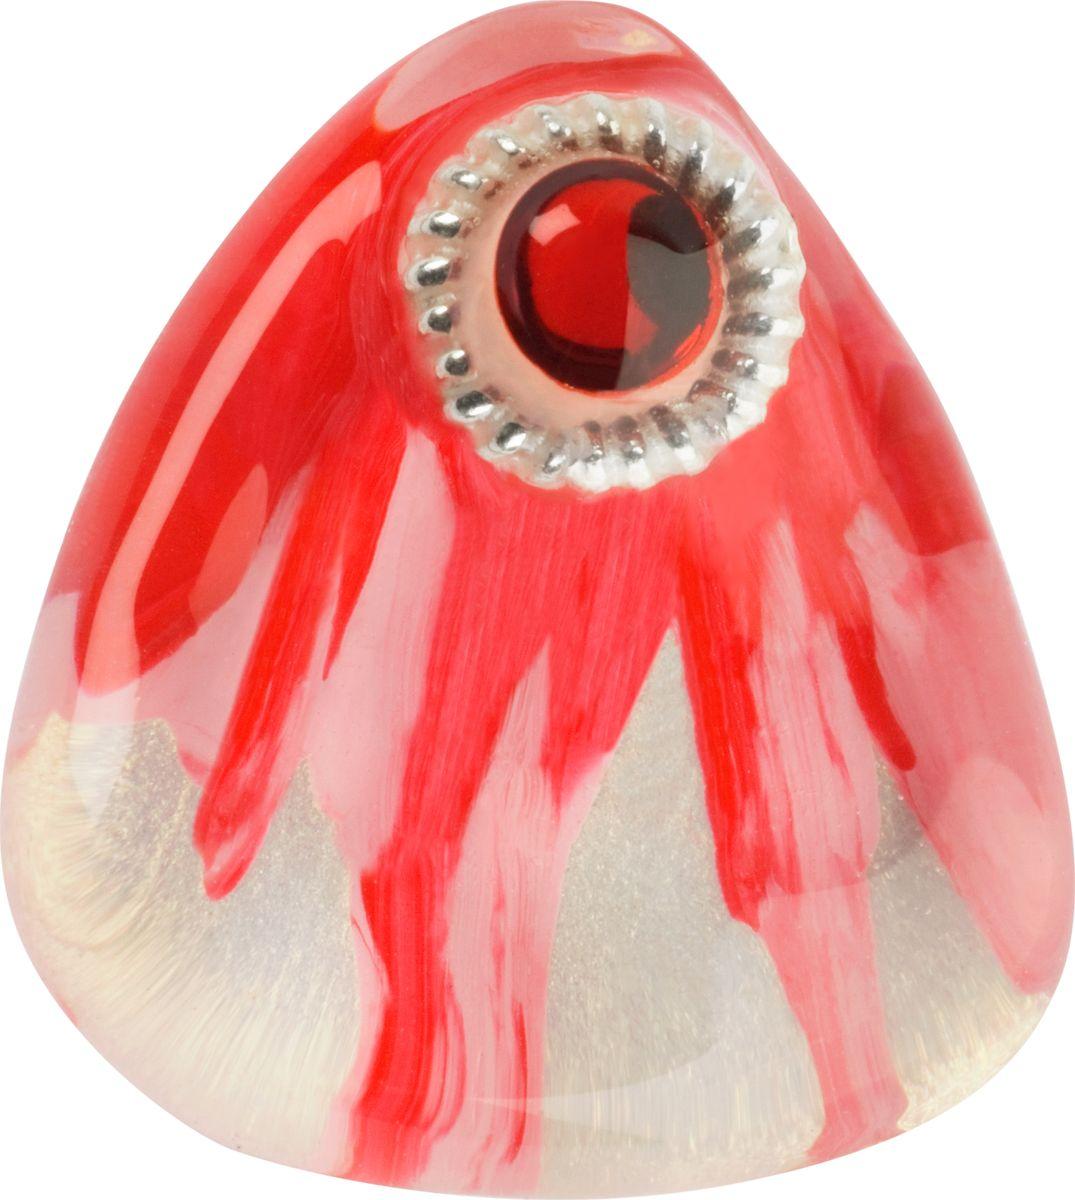 Серьги Lalo Treasures, цвет: красный. E3430/2E3430/2Оригинальные серьги Lalo Treasures изготовлены из металлического сплава, дополнены декоративными элементами из ювелирной смолы. Изделие застегивается на замок-гвоздик с заглушкой, который надежно зафиксирует серьги. Стильные серьги не оставят равнодушной ни одну любительницу изысканных украшений и помогут создать собственный неповторимый образ.